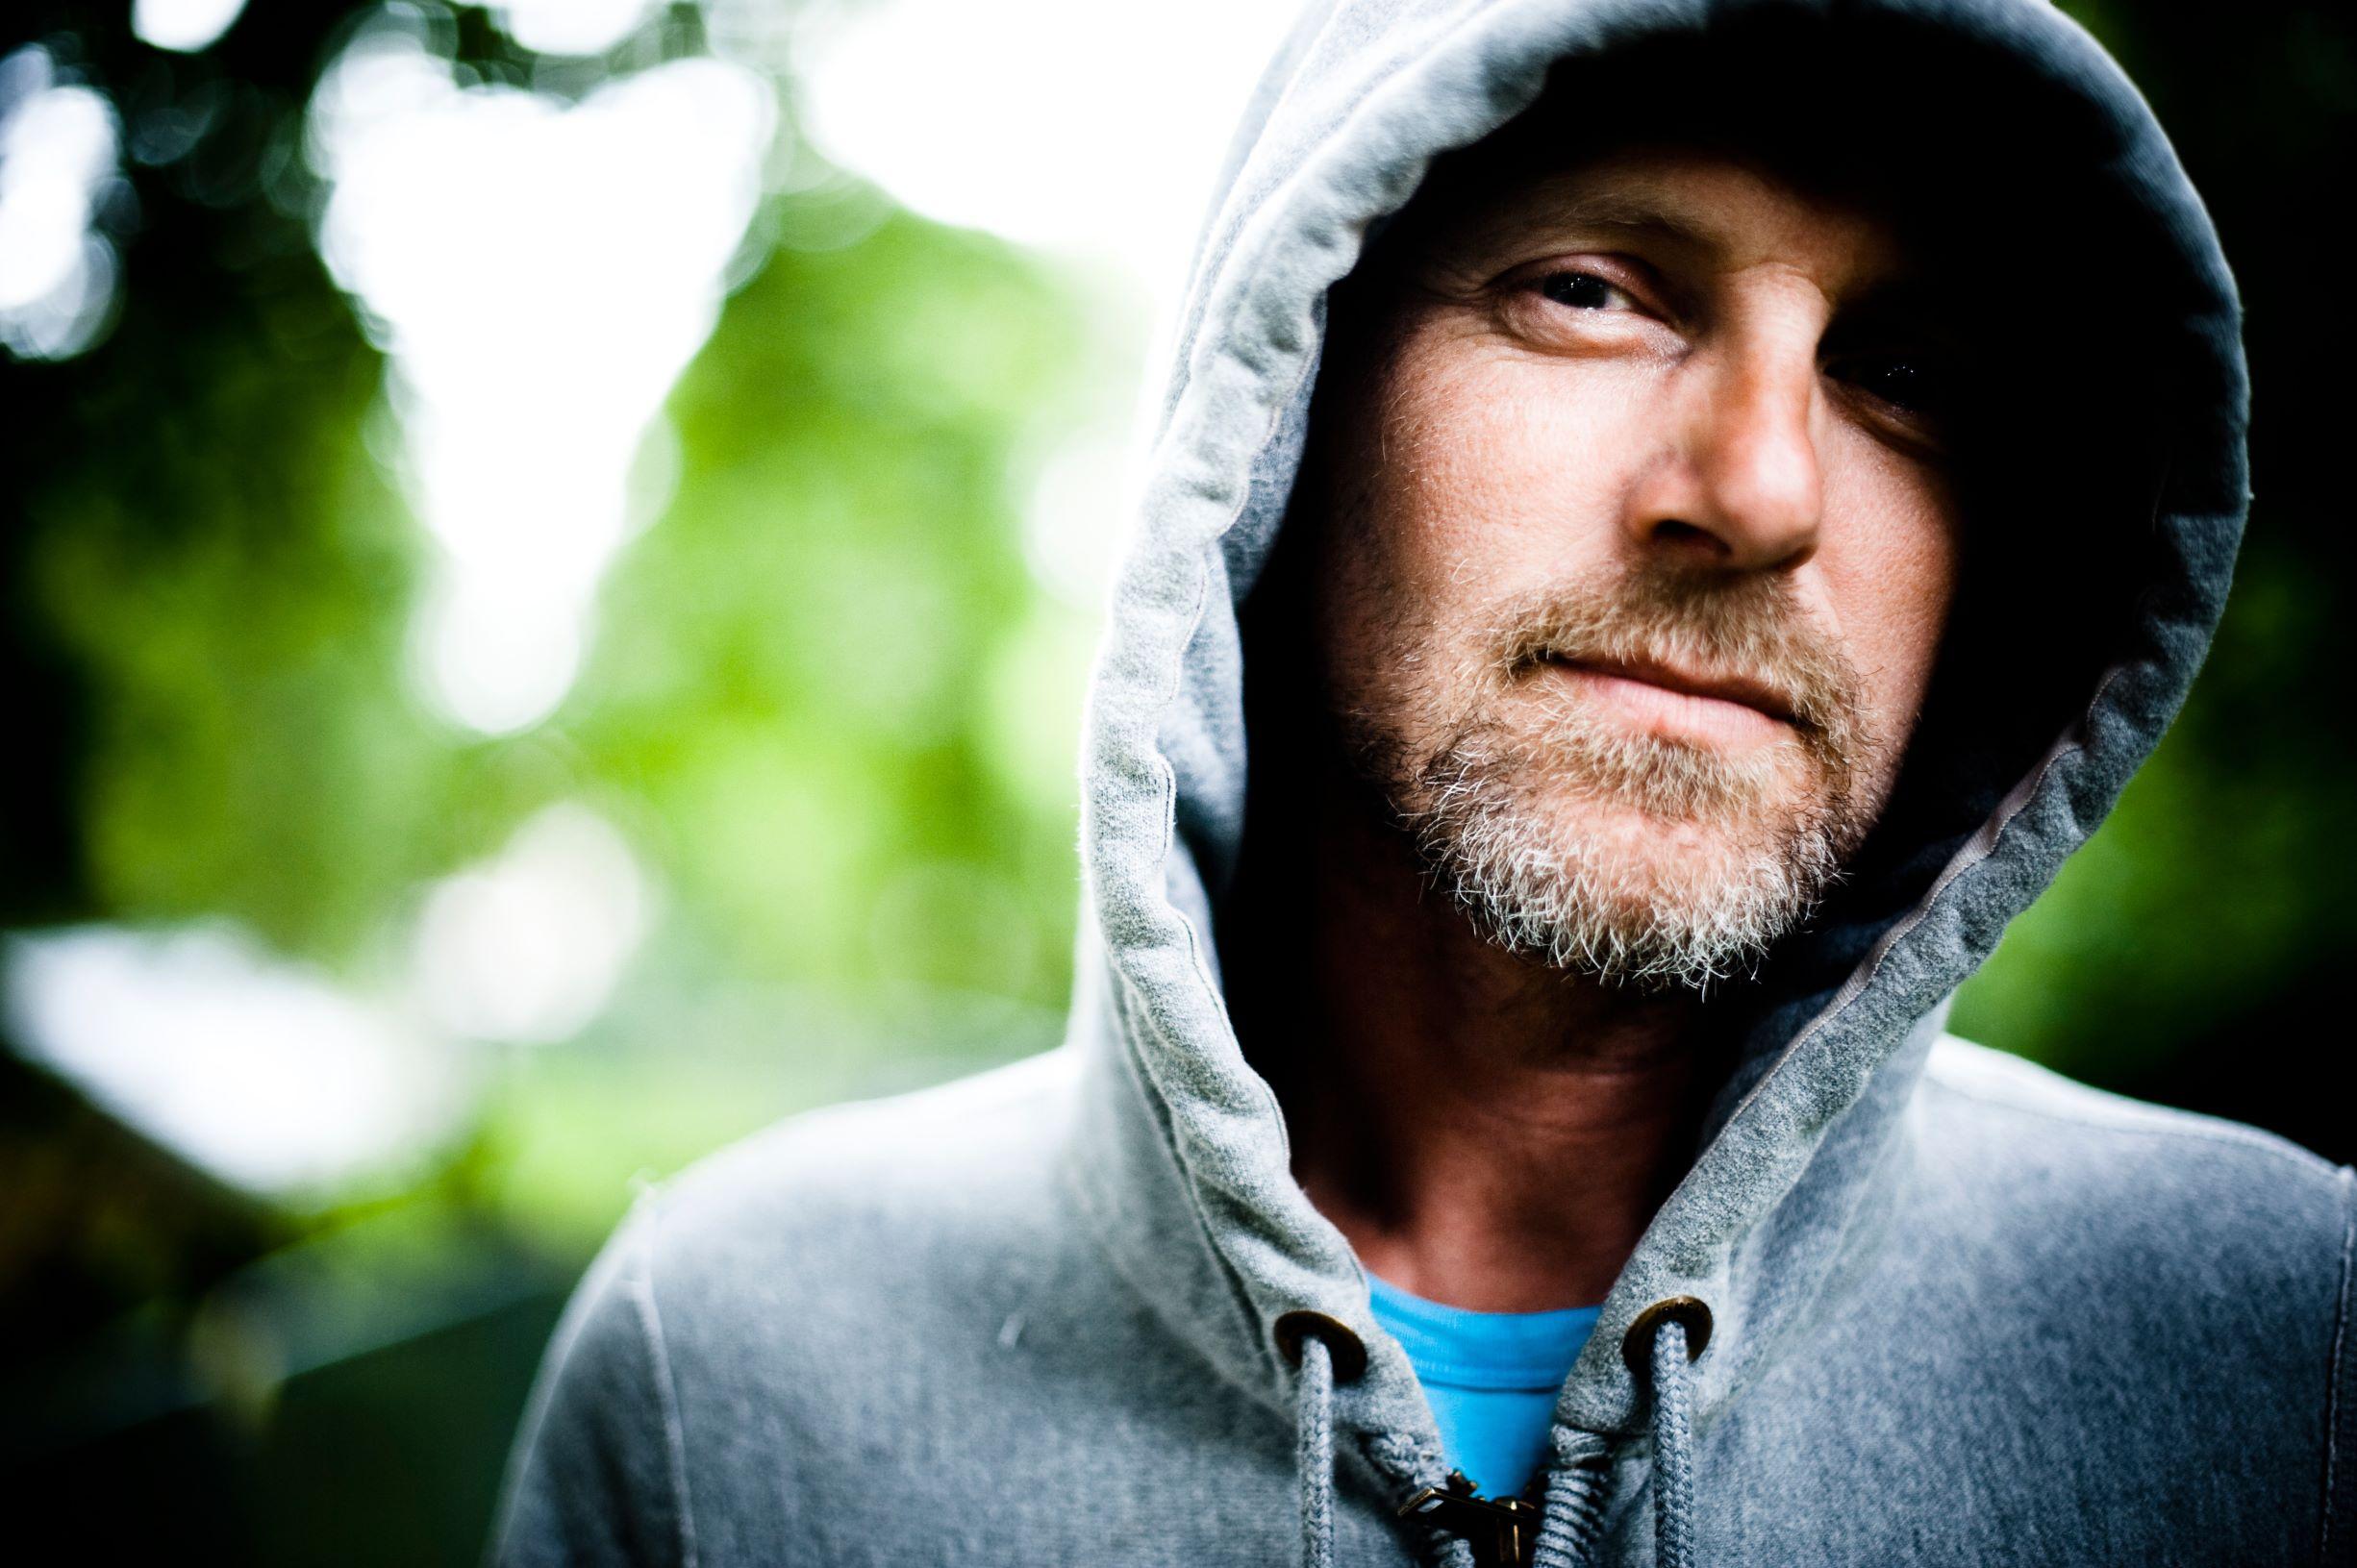 O escritor Jo Nesbo com capuz e camiseta azul, bigode e cavanhaque ao lado esquerdo da foto.